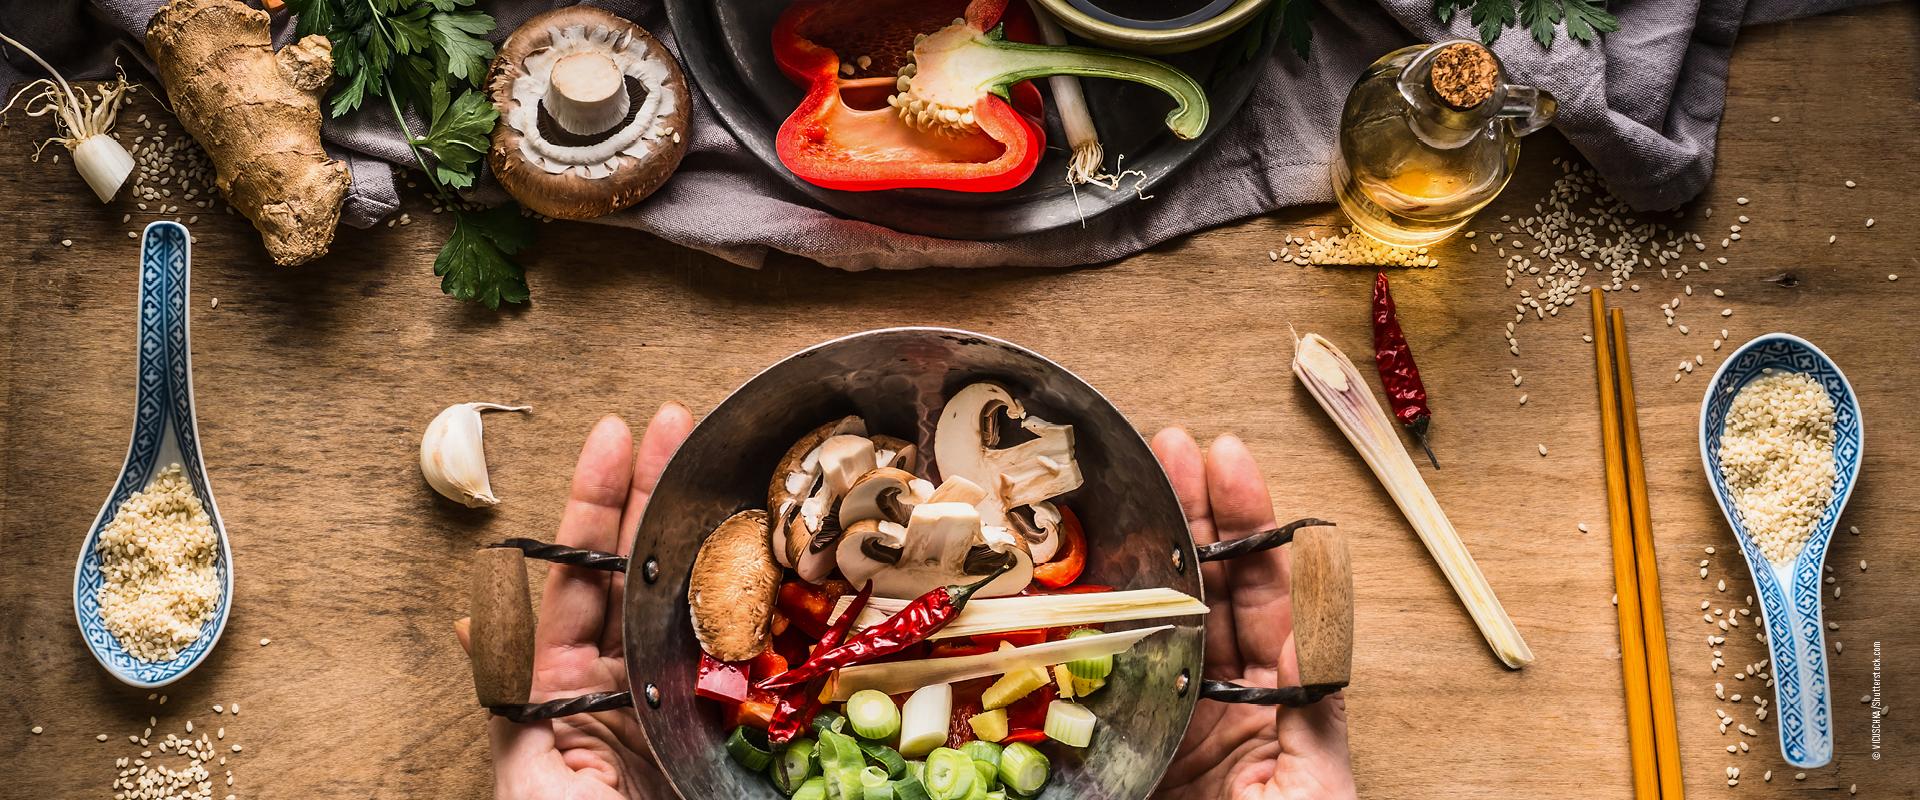 Asiatisch kochen mit Wok